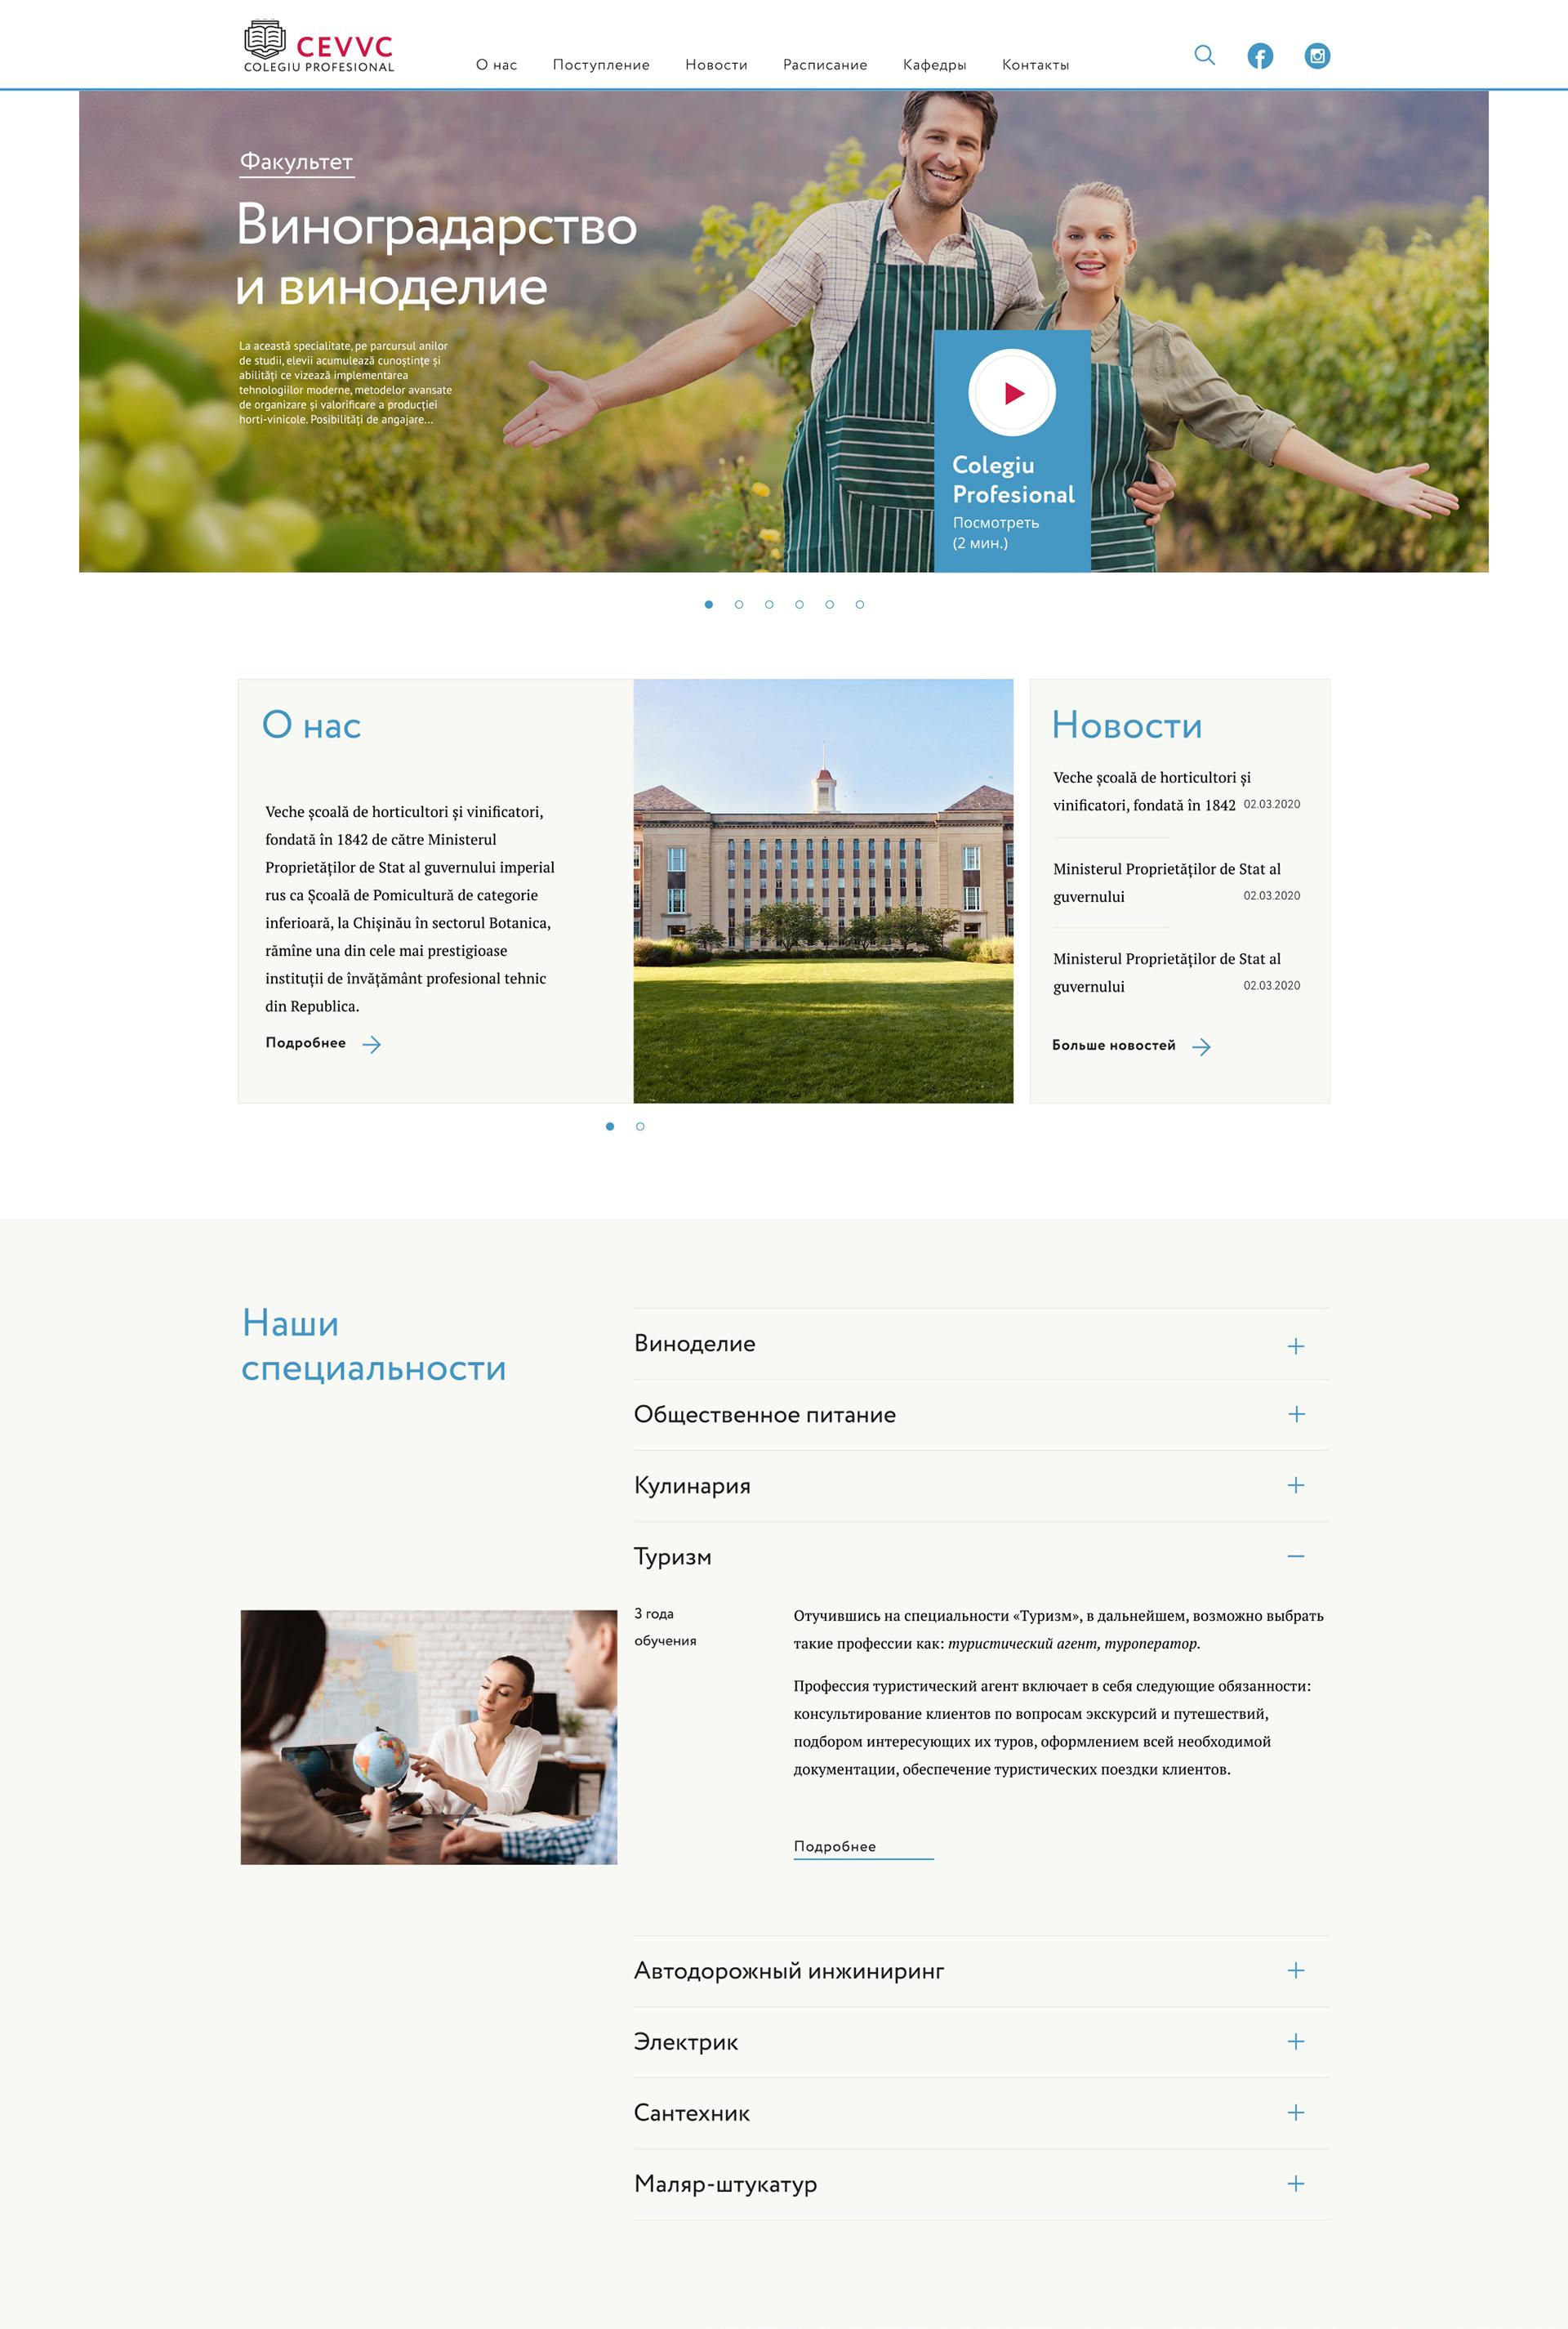 Разработка дизайна сайта колледжа фото f_8375e60c48c67fc0.jpg